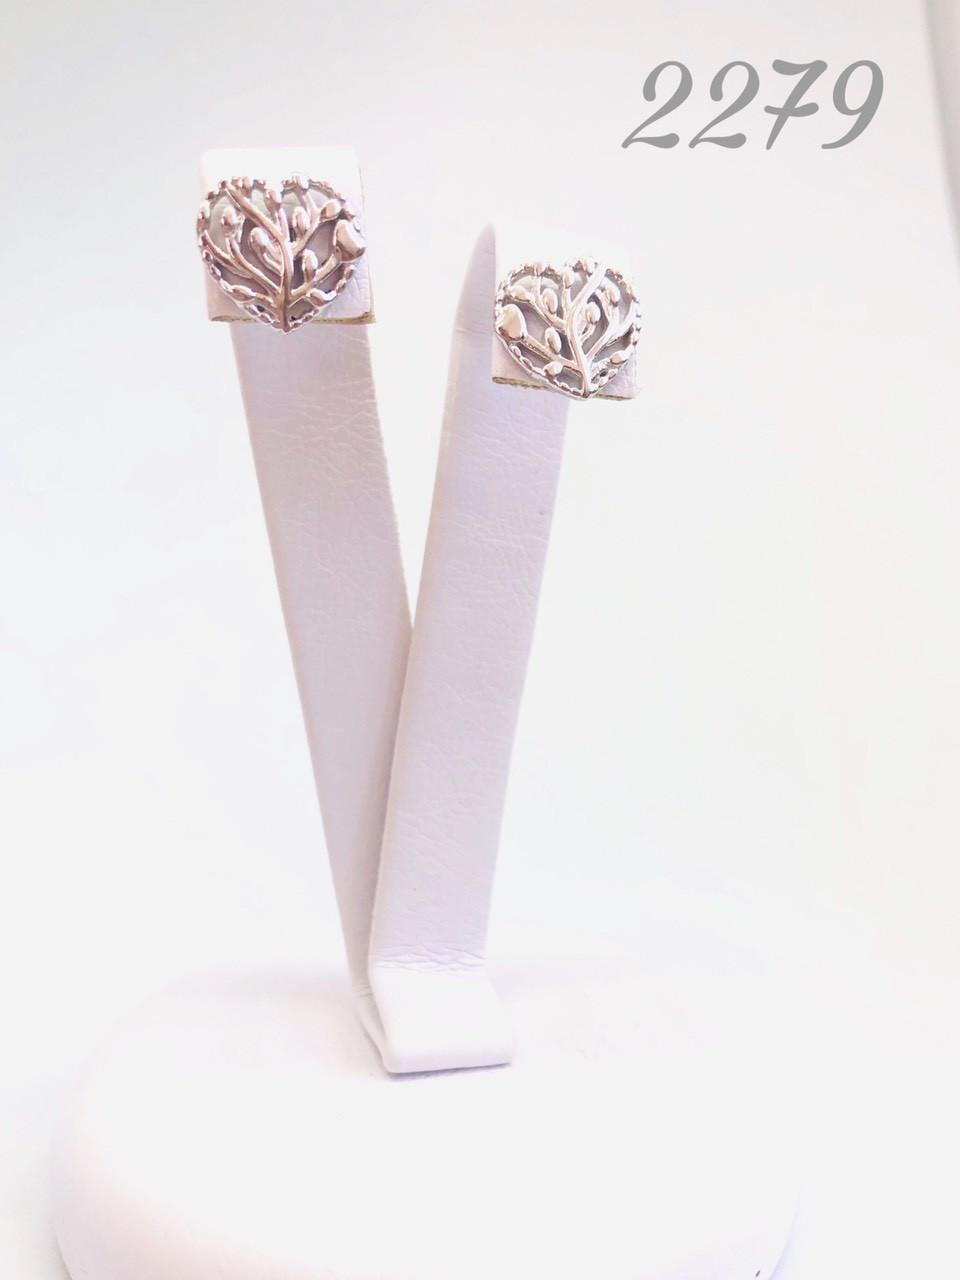 Серебряные серьги Арт.2279